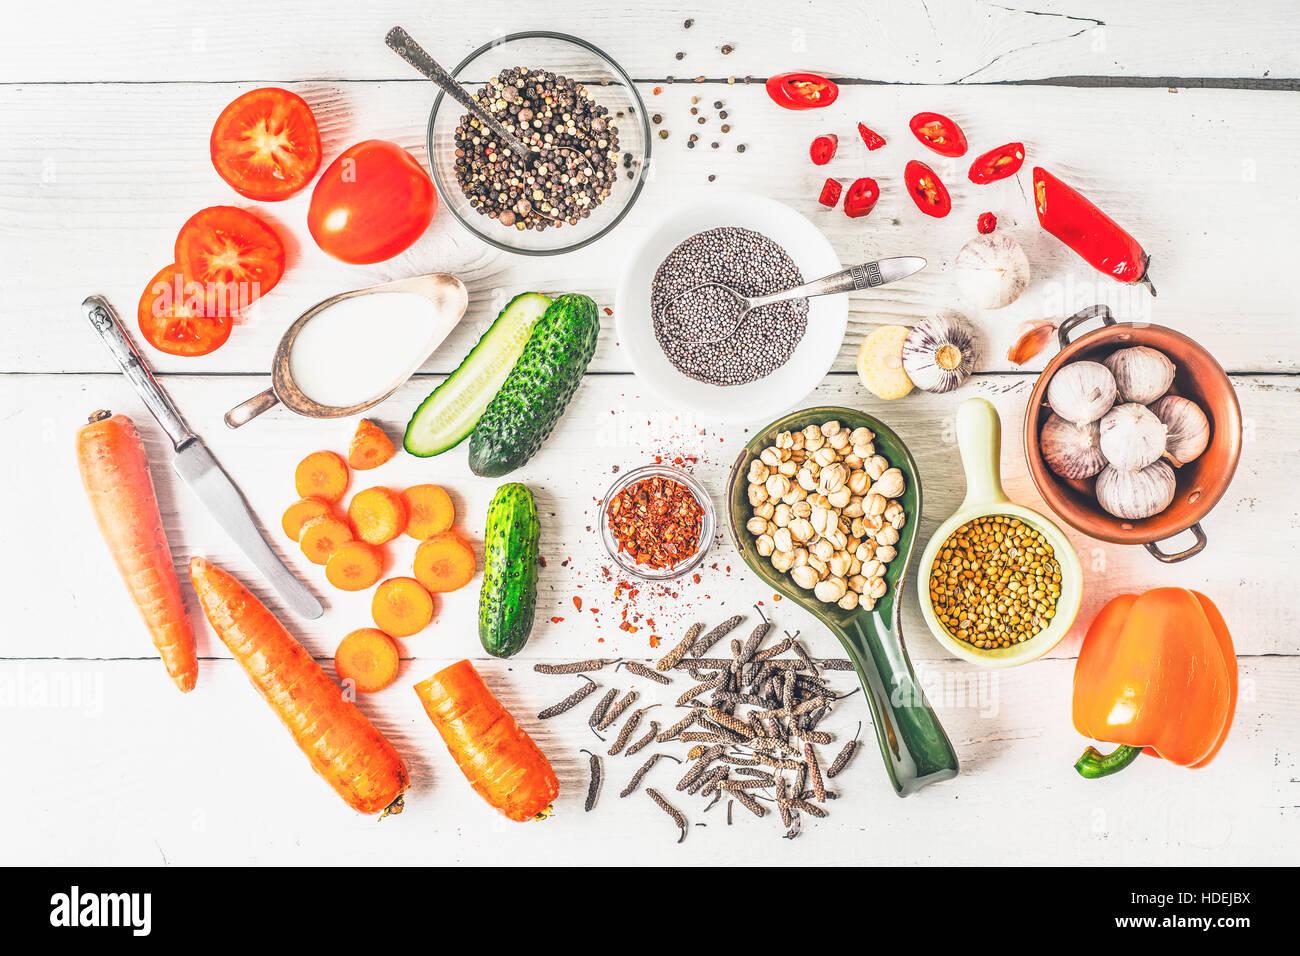 Ingrédients pour Moyen Orient , cuisine caucasiennes et asiatiques sur la vue de dessus de table blanc Photo Stock